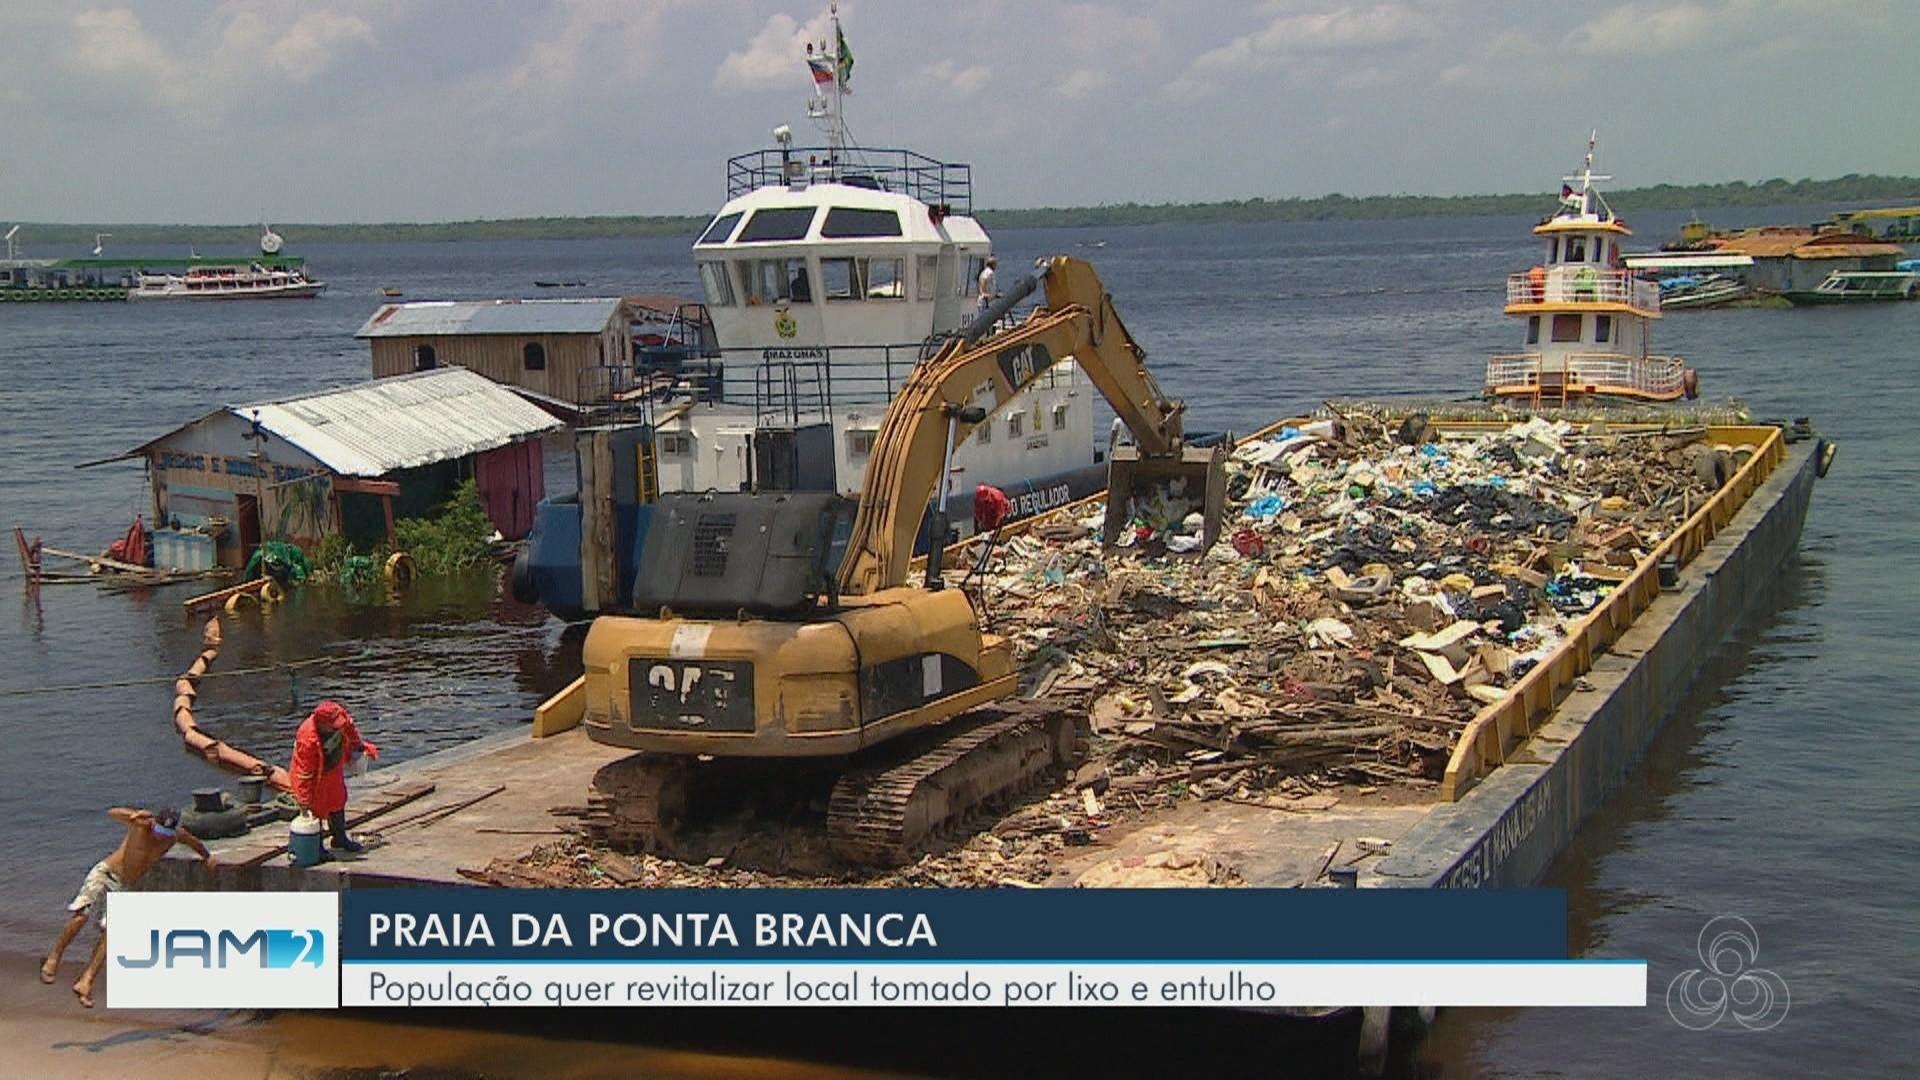 VÍDEOS: Jornal do Amazonas 2ª edição desta sexta-feira, 21 de setembro de 2018